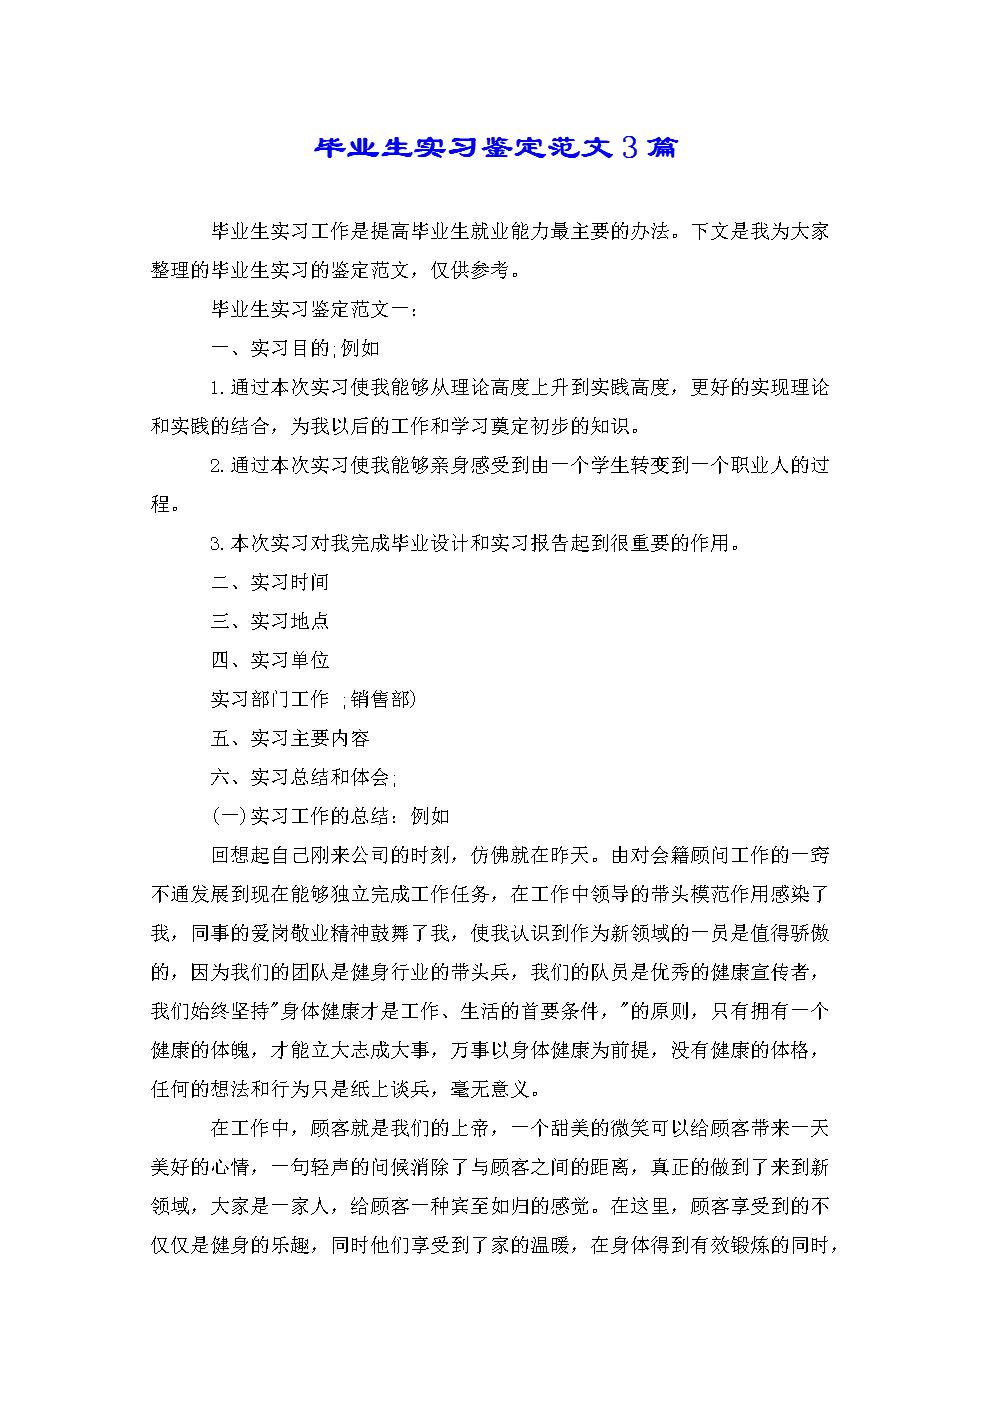 毕业生实习鉴定范文3篇.doc